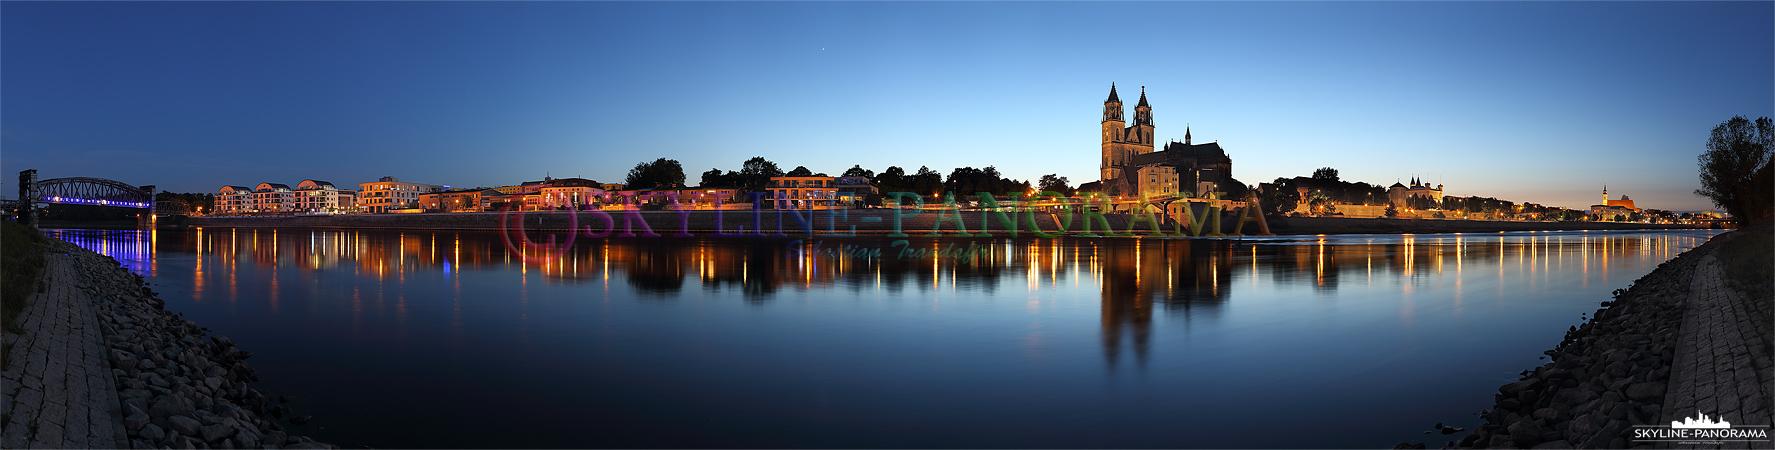 Bilder aus Magdeburg - Der Blick vom Elbufer auf die Stadtansicht von Magdeburg mit dem Dom zur Blauen Stunde.